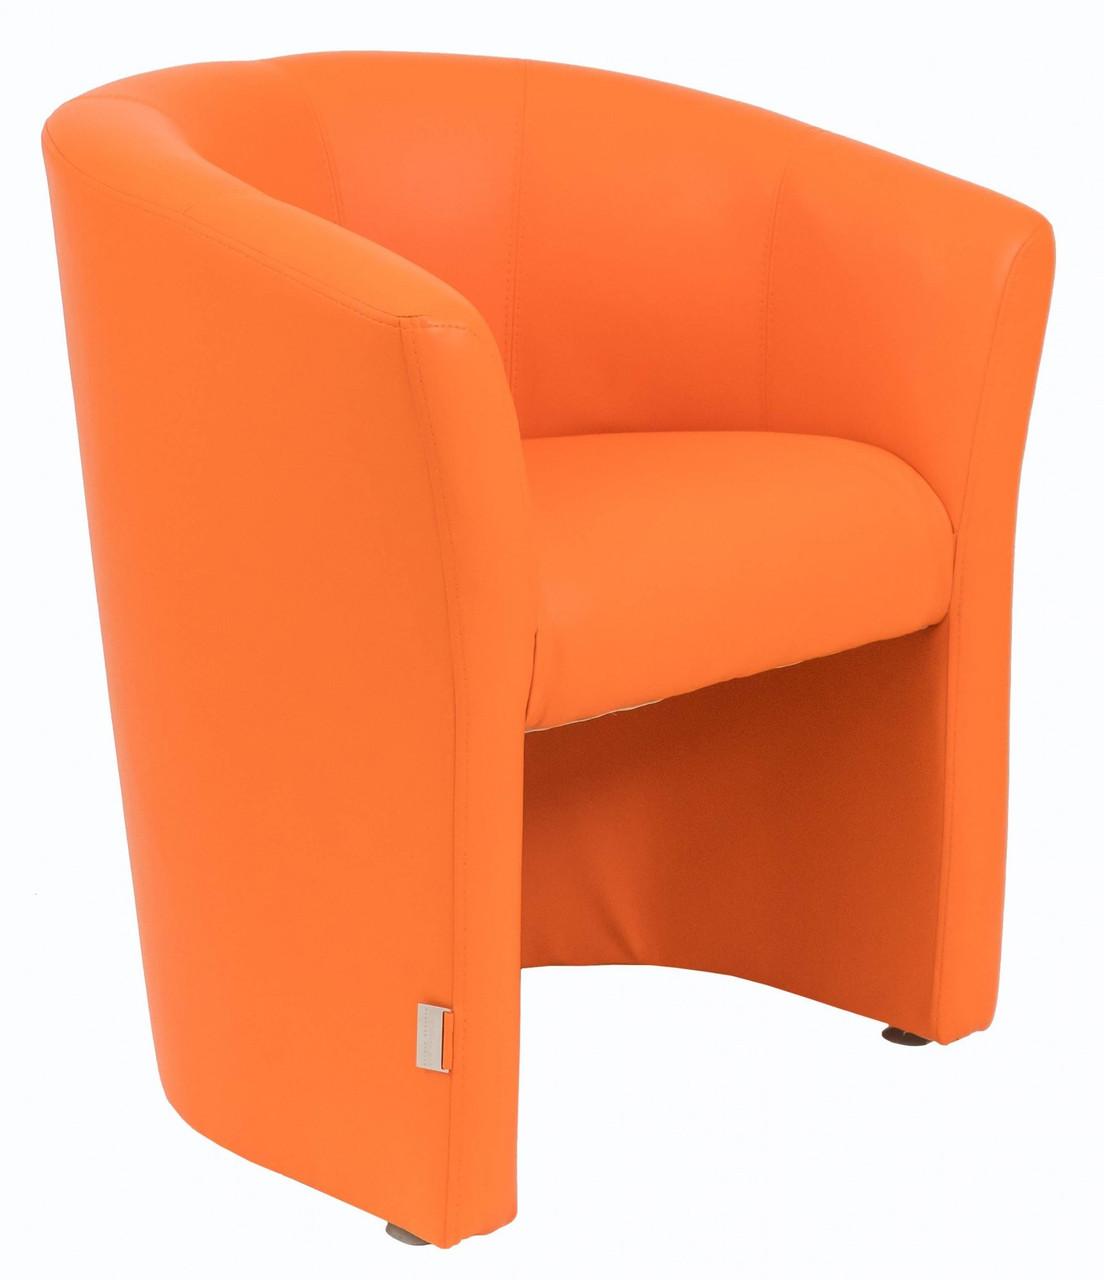 Кресло Richman Бум Единица 650 x 650 x 800H см Софитель 09 Orange Fruit Оранжевое